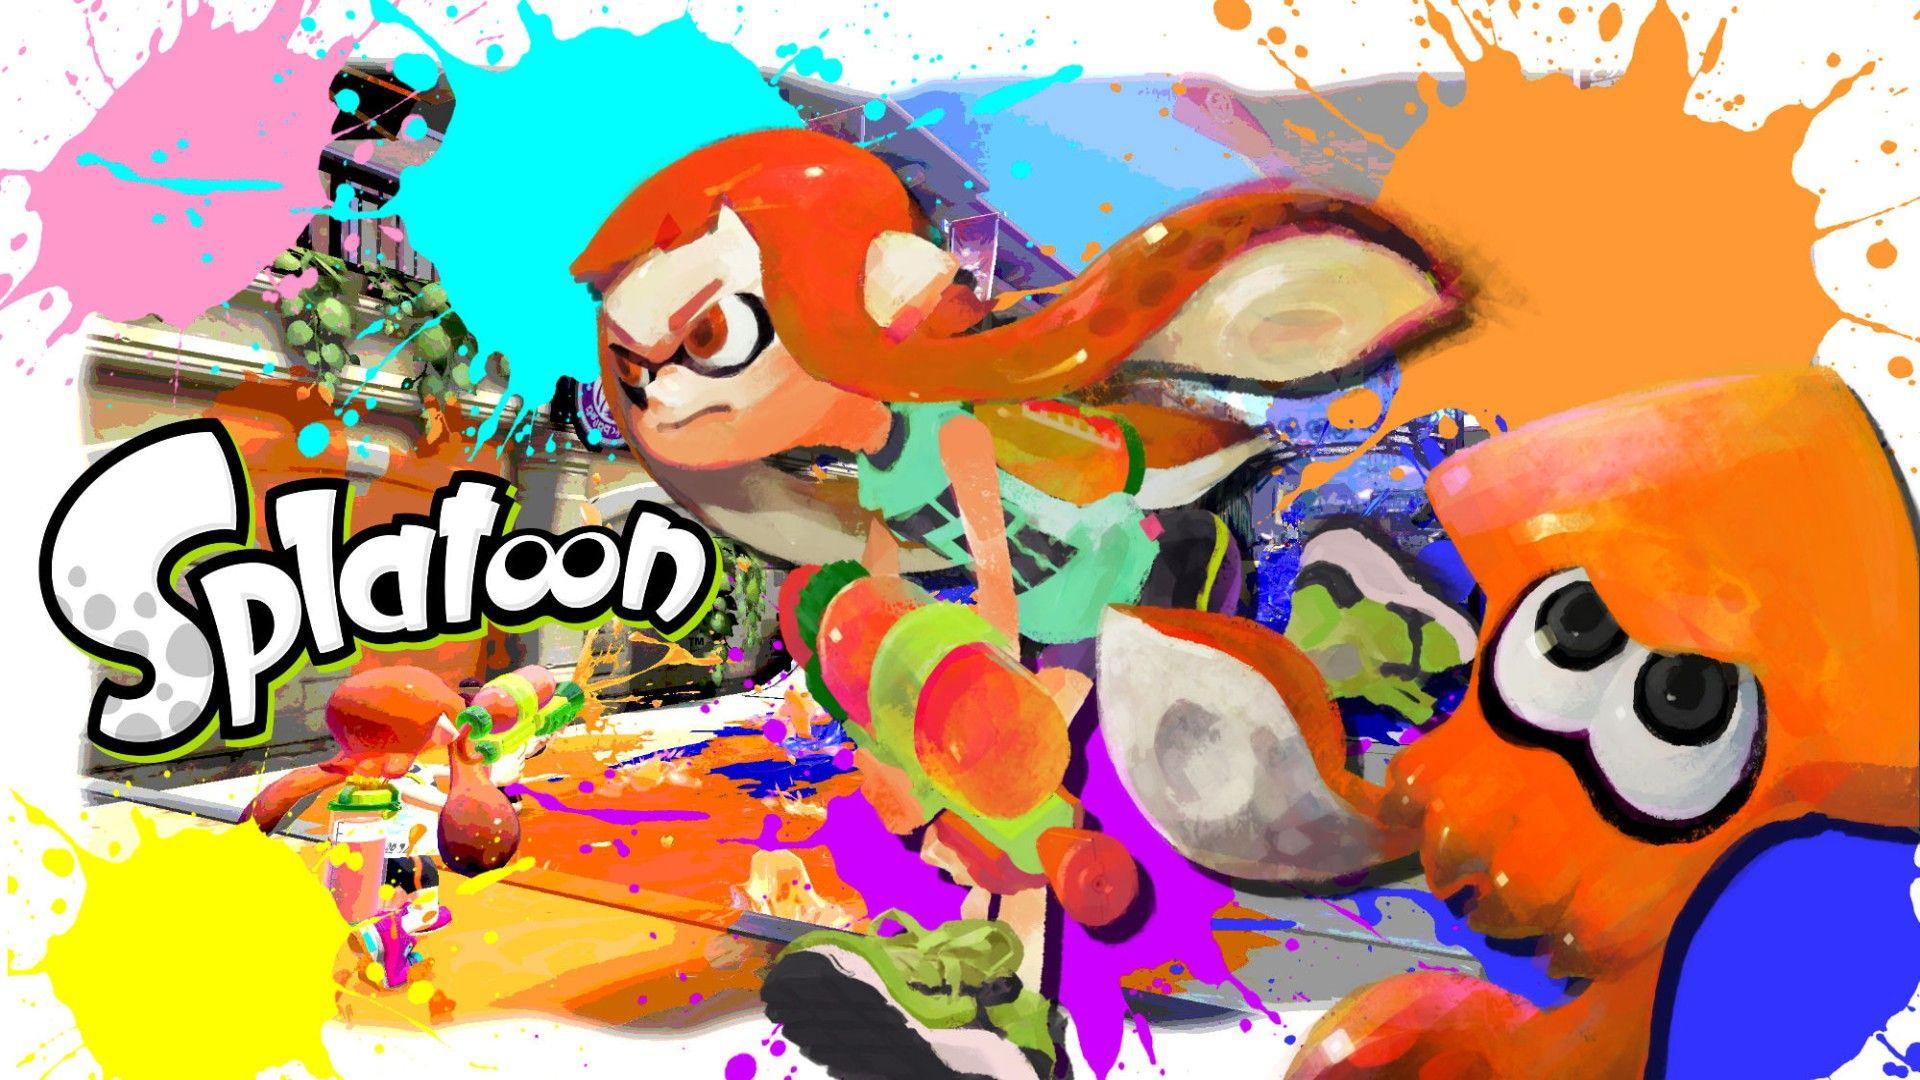 splatoon wallpaper by xxzicexx - photo #4